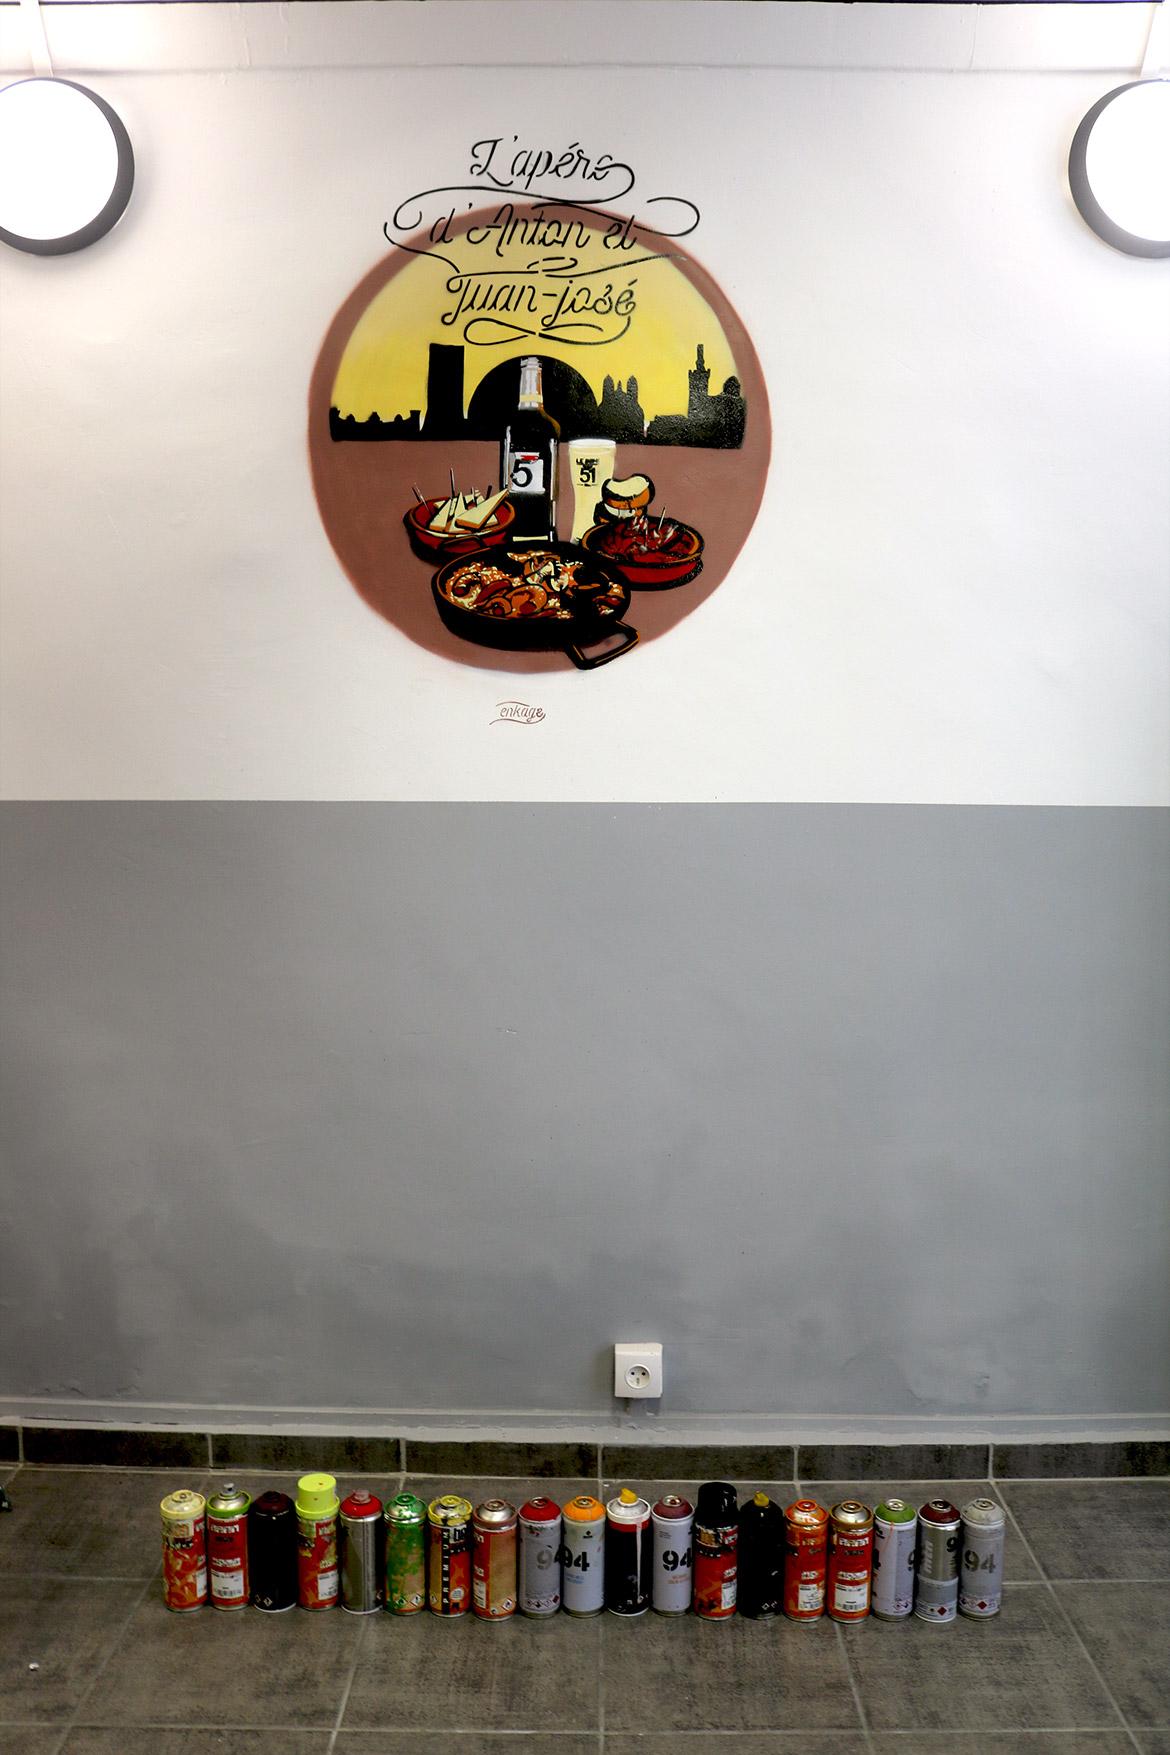 Décoration artistique d'intérieur au pochoir par le graffeur Enkage